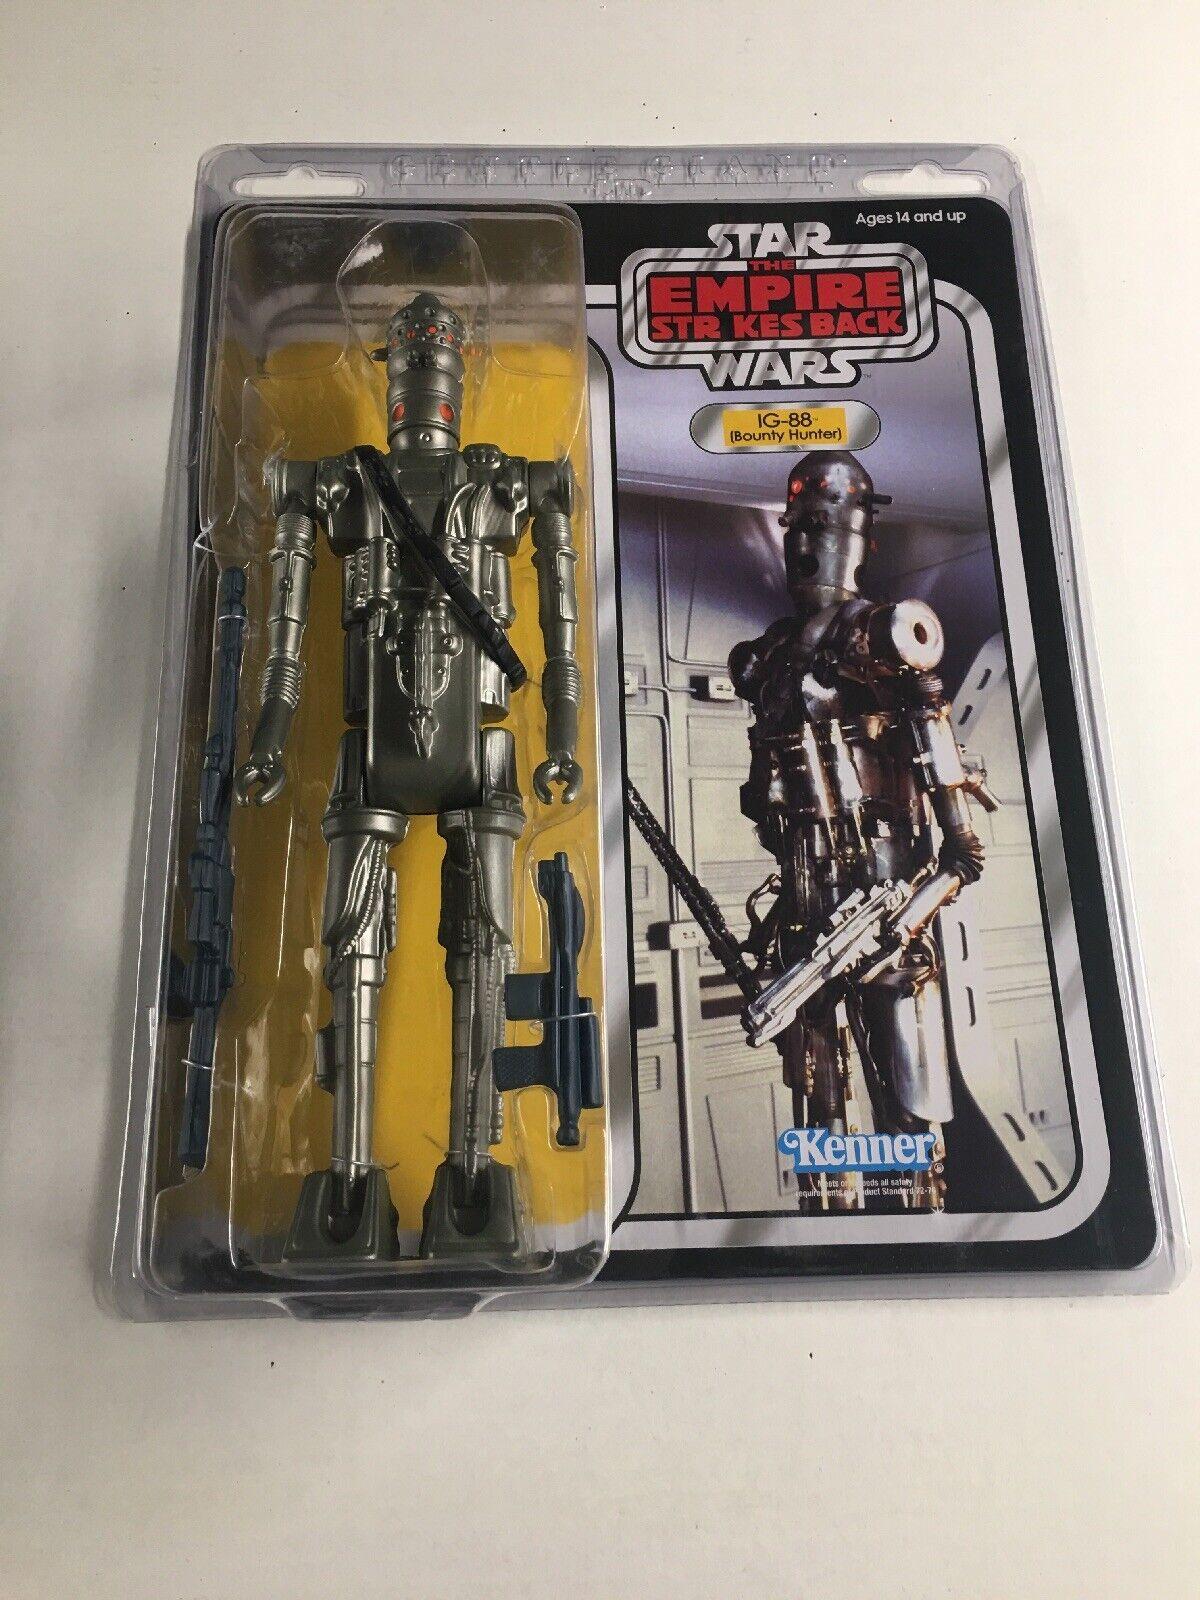 tomamos a los clientes como nuestro dios Estrella Wars IG-88 IG-88 IG-88 Assassin Droid Jumbo Kenner Figura de acción por Gentle Giant 09855  Mercancía de alta calidad y servicio conveniente y honesto.